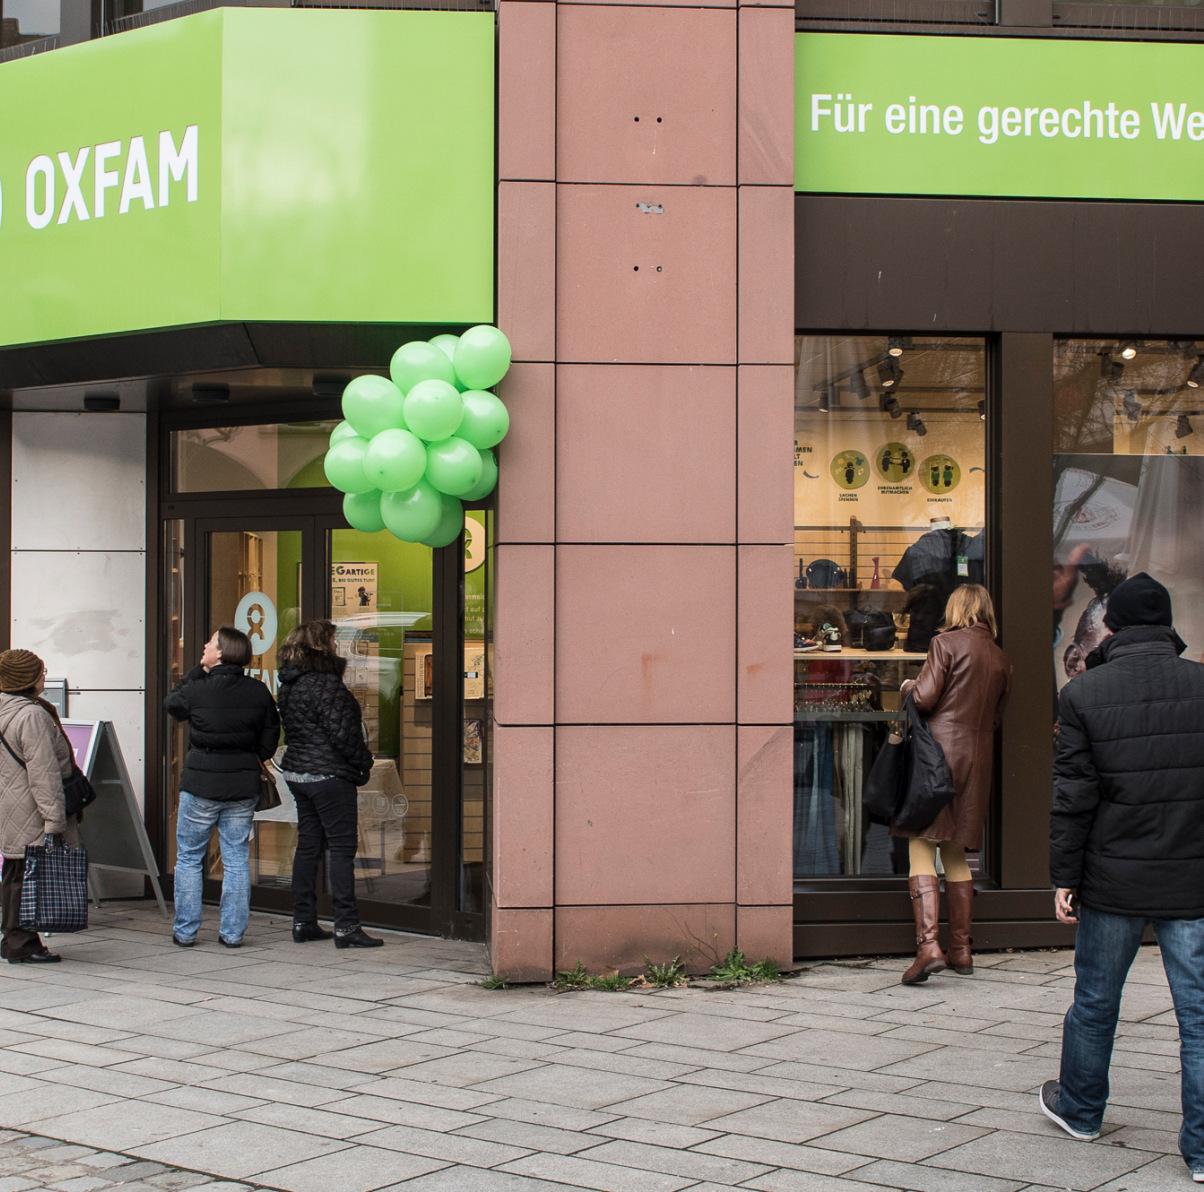 Oxfam Shop Nürnberg 2018 - Außenansicht